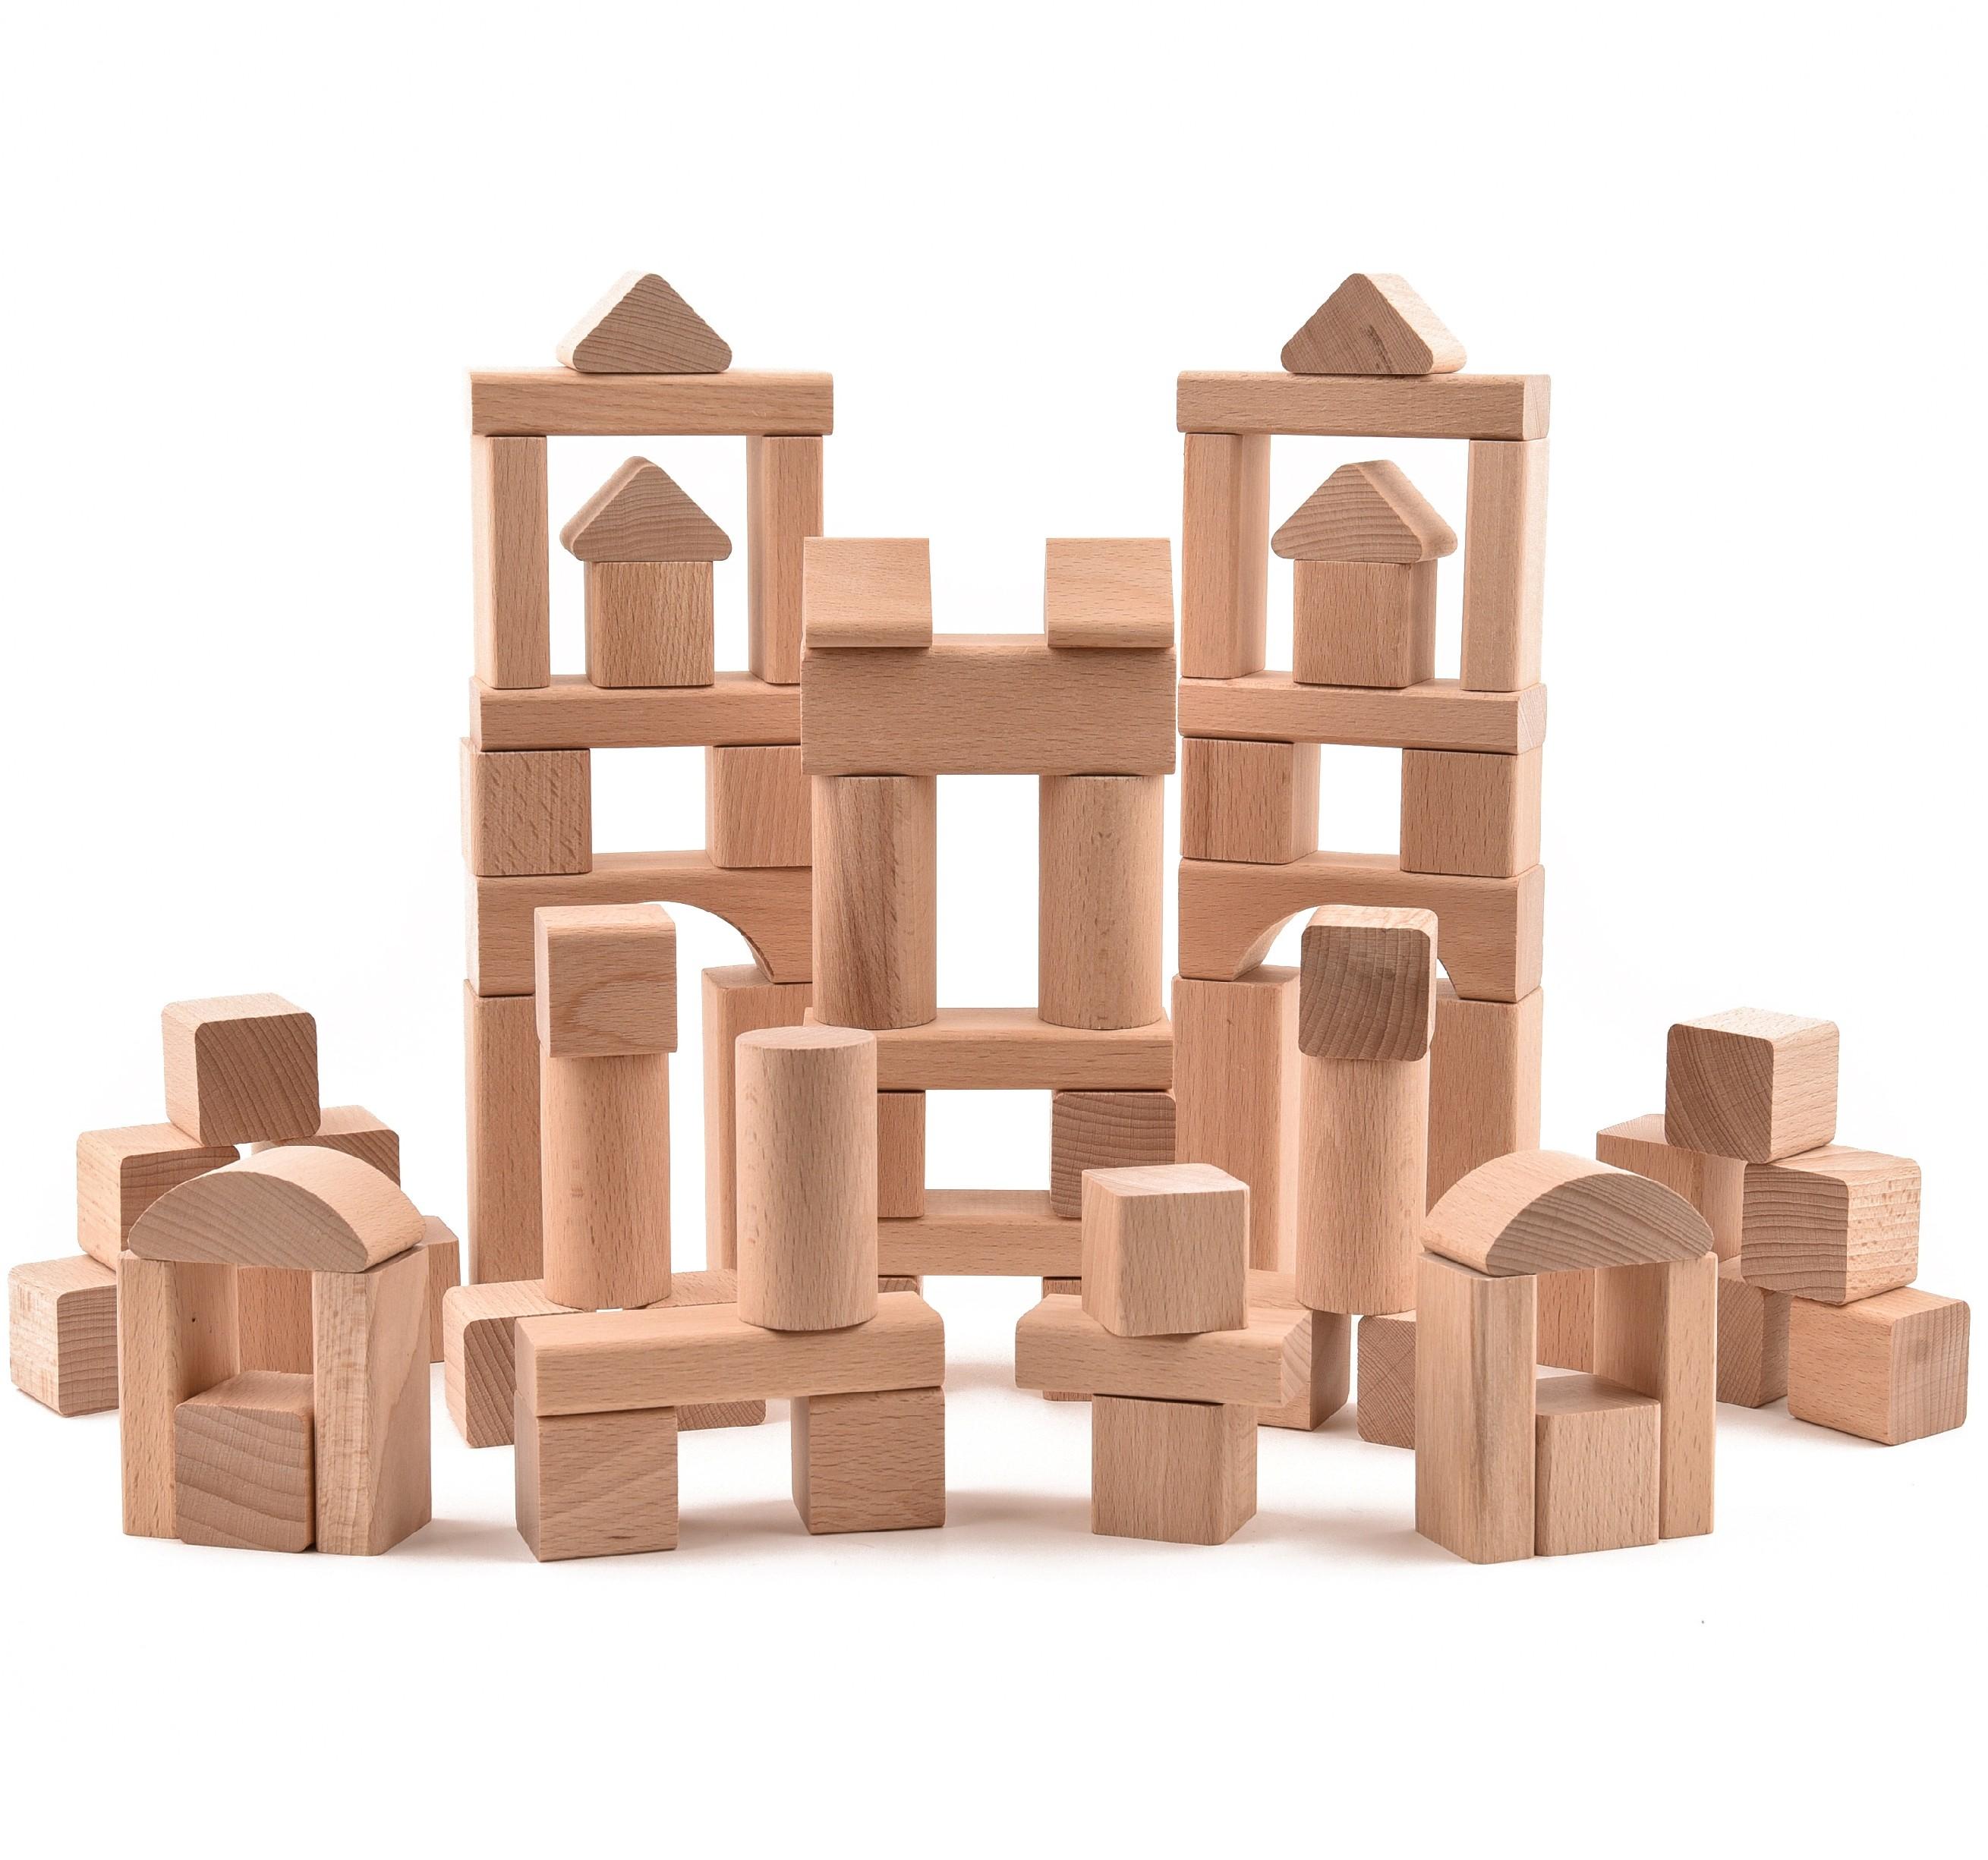 VictorCube Dřevěná stavebnice - 72 ks komponentů (+ pytlík)